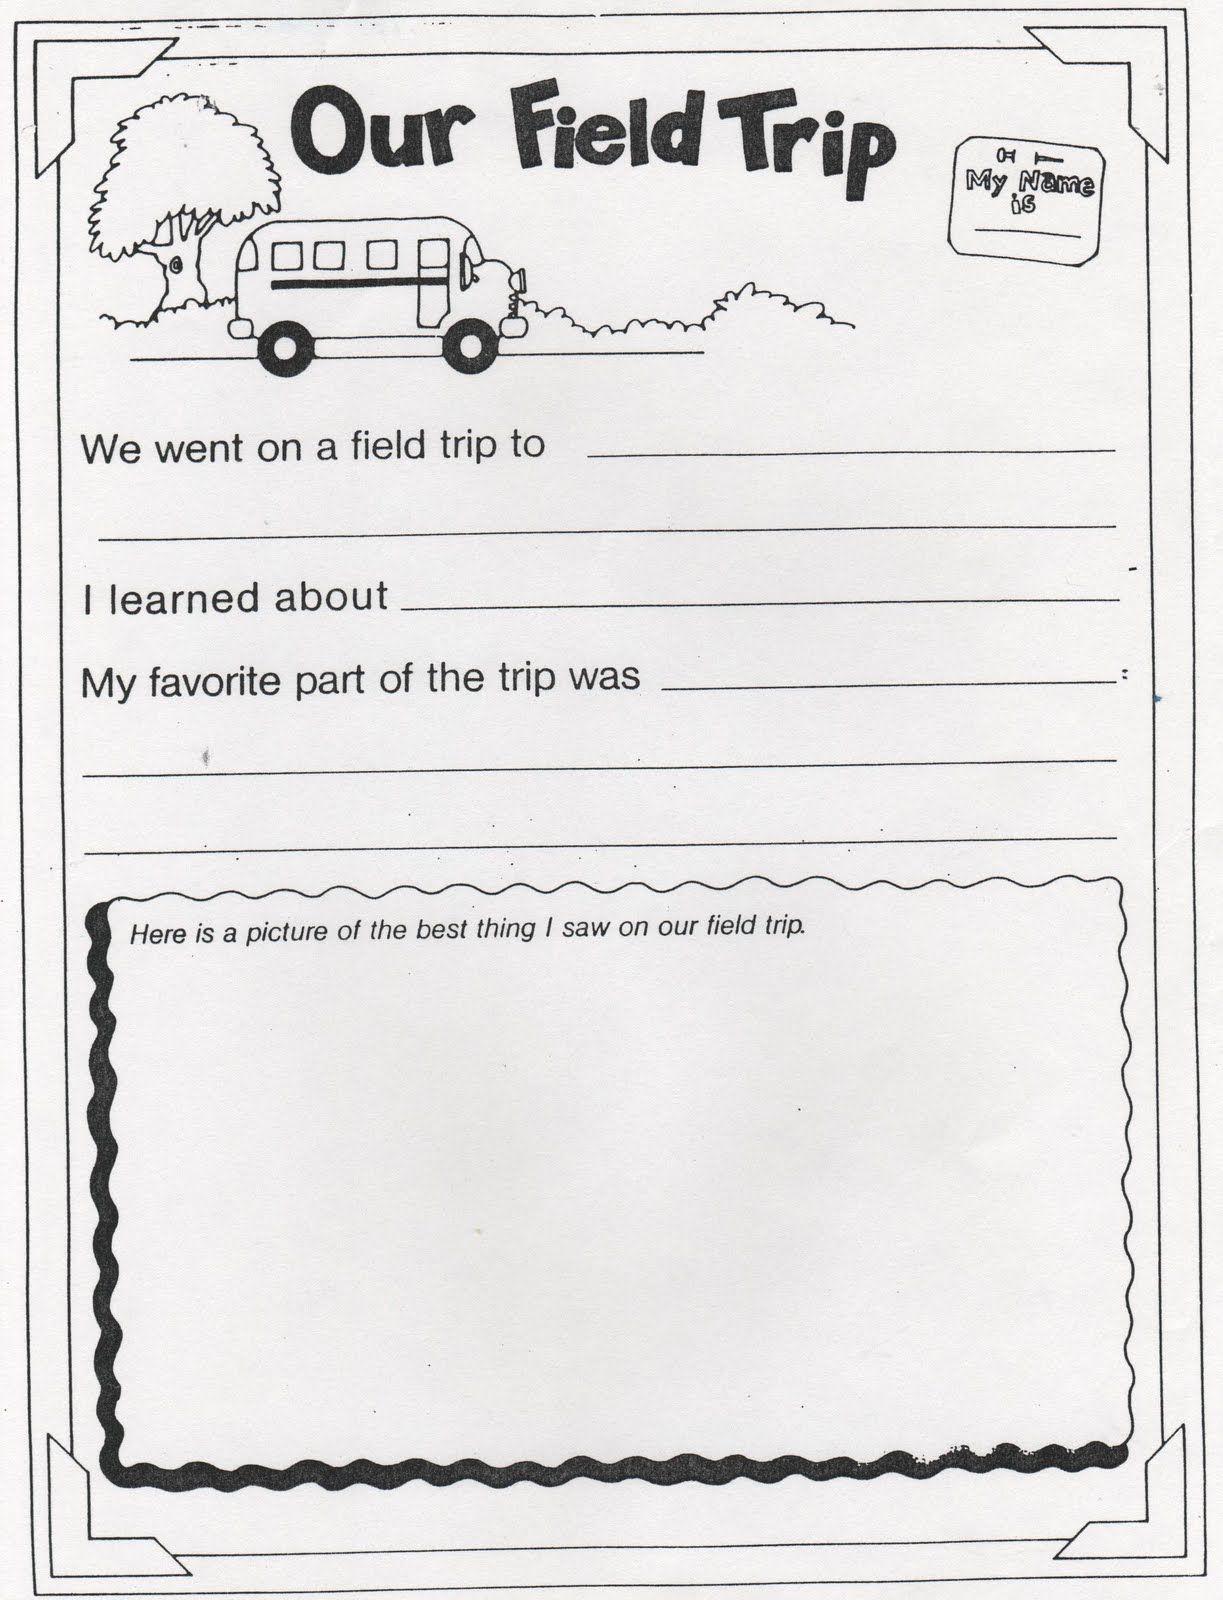 Elementary School Enrichment Activities Field Trip Memories